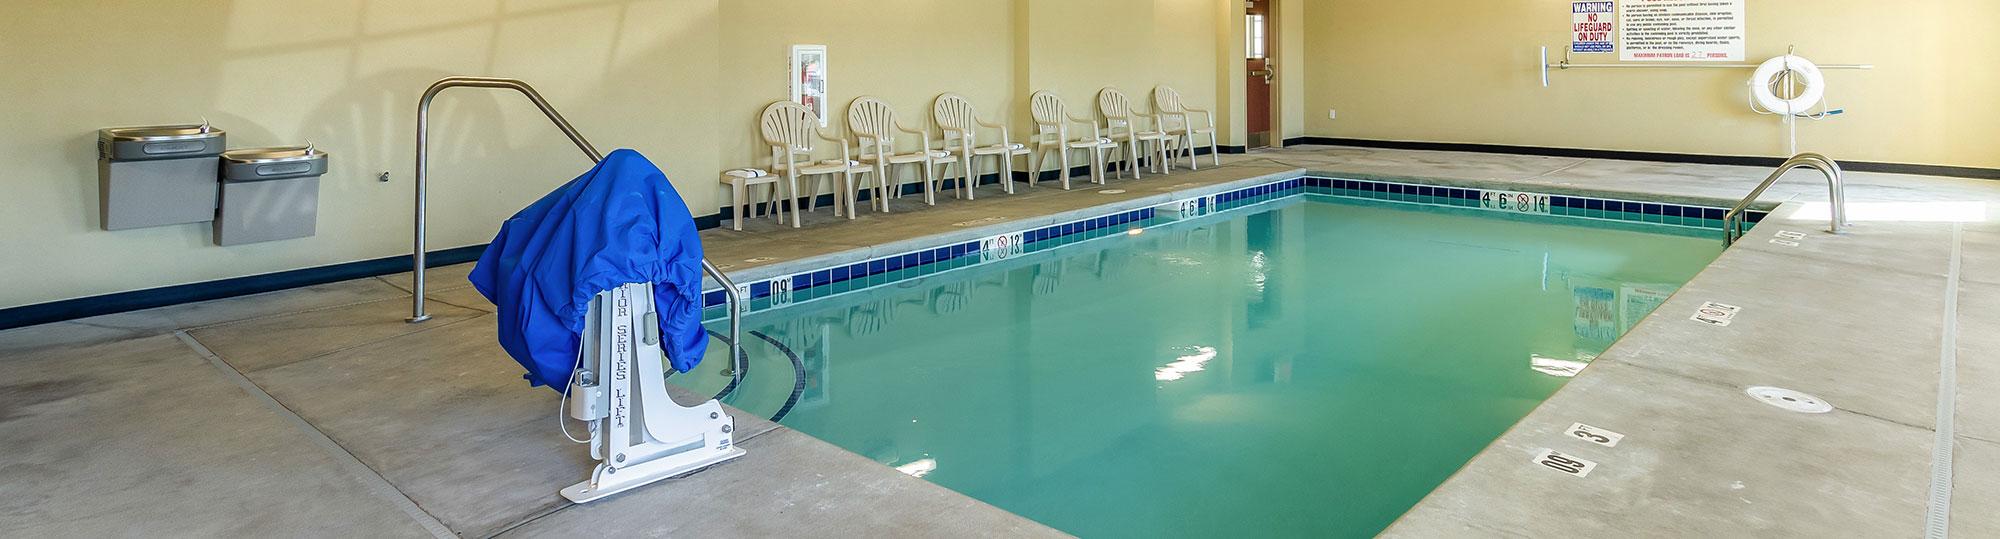 Cobblestone Hotel & Suites Gering